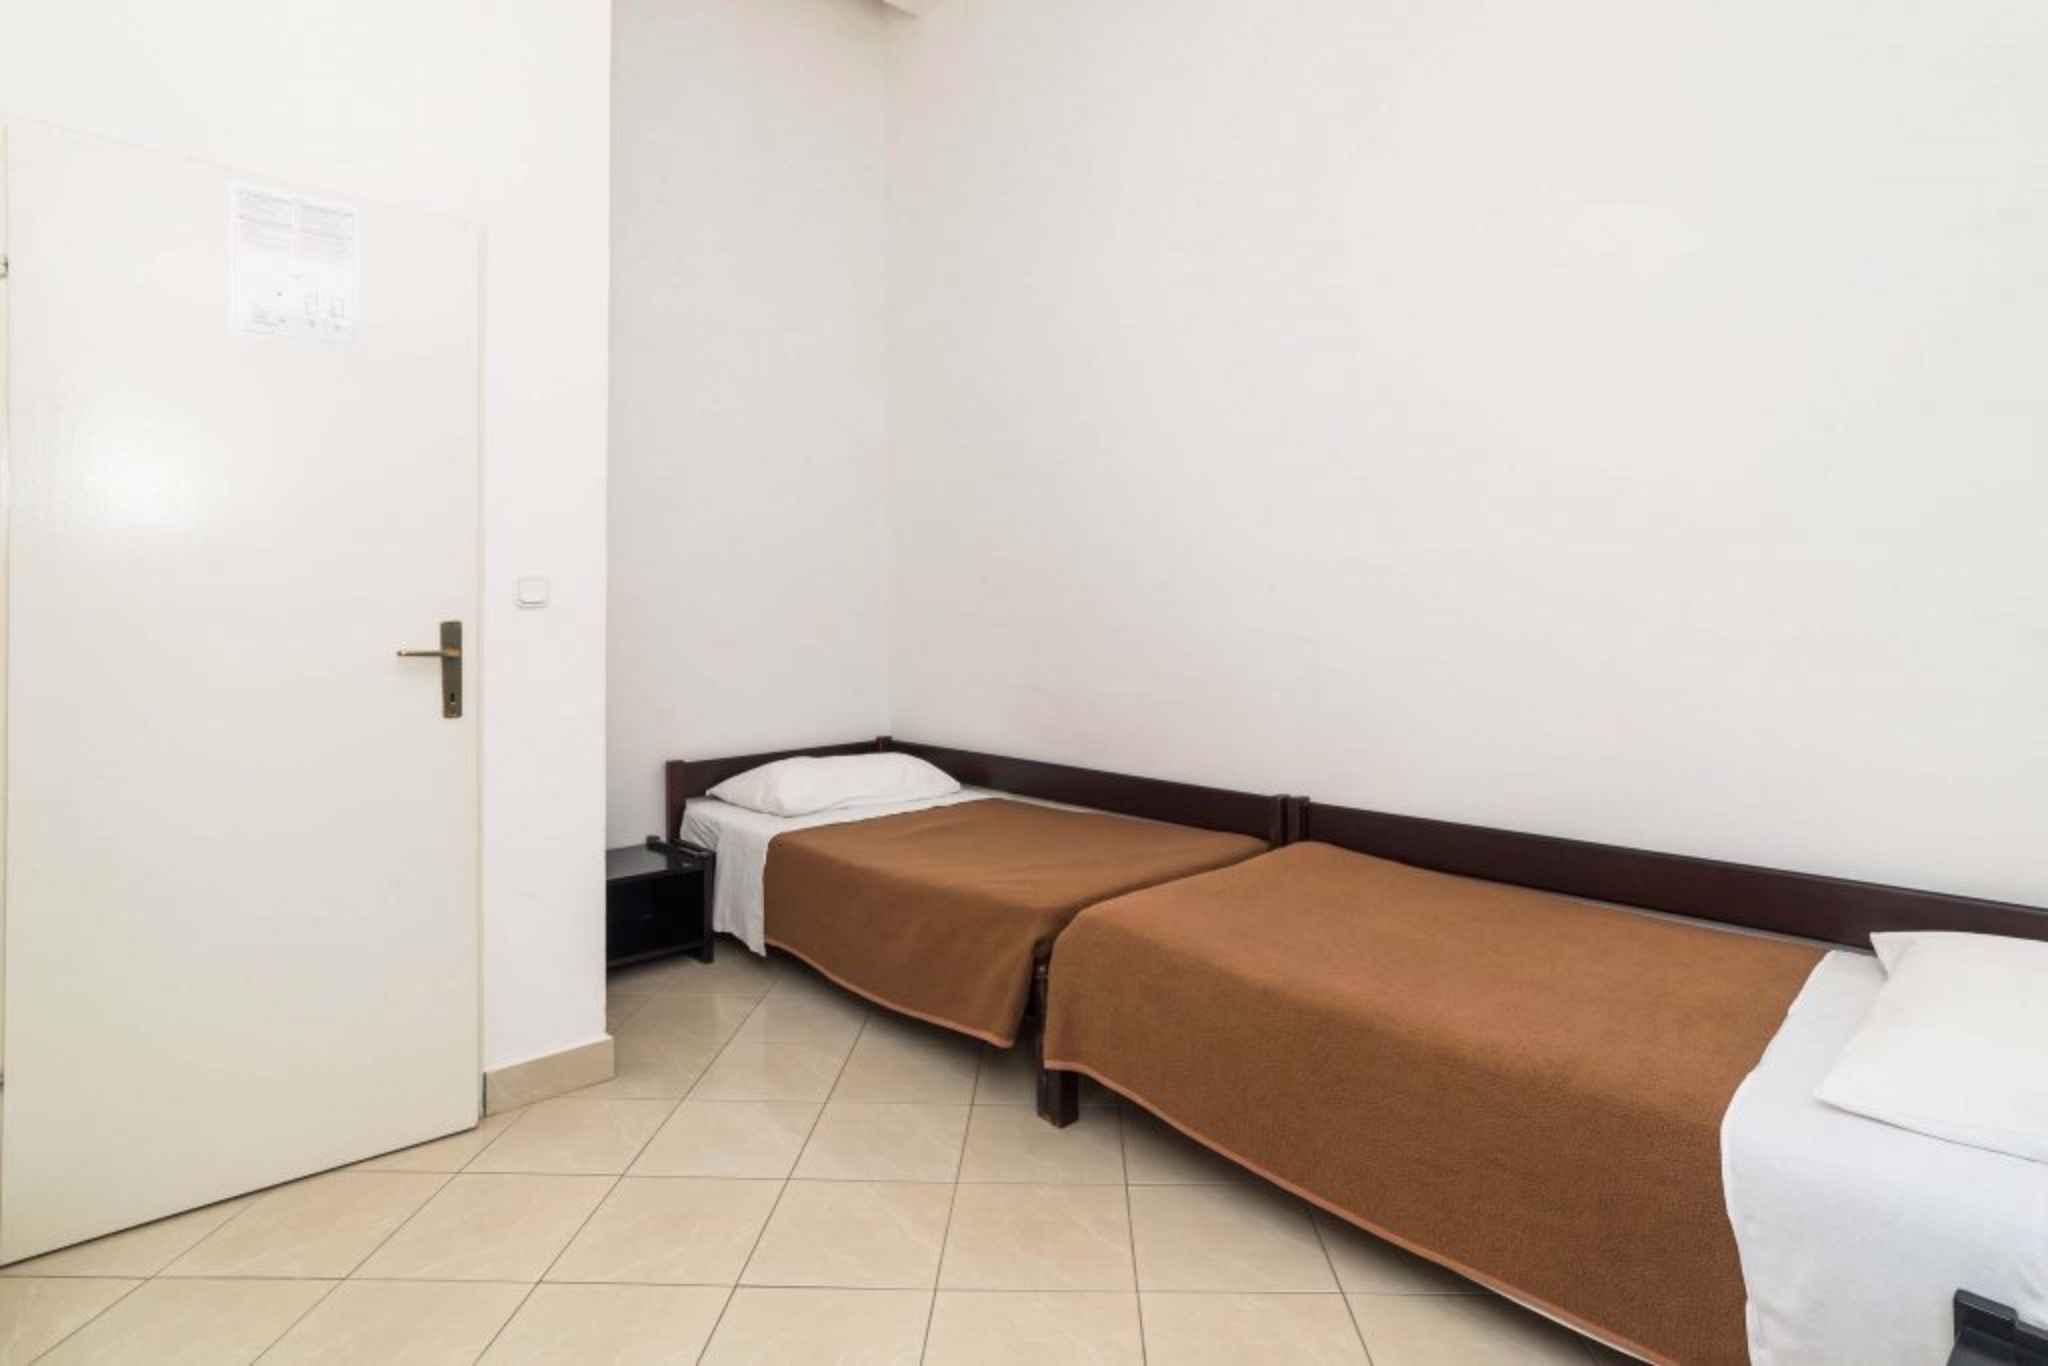 Ferienhaus Bungalow in der Ferienanlage Kanegra (281168), Umag, , Istrien, Kroatien, Bild 7